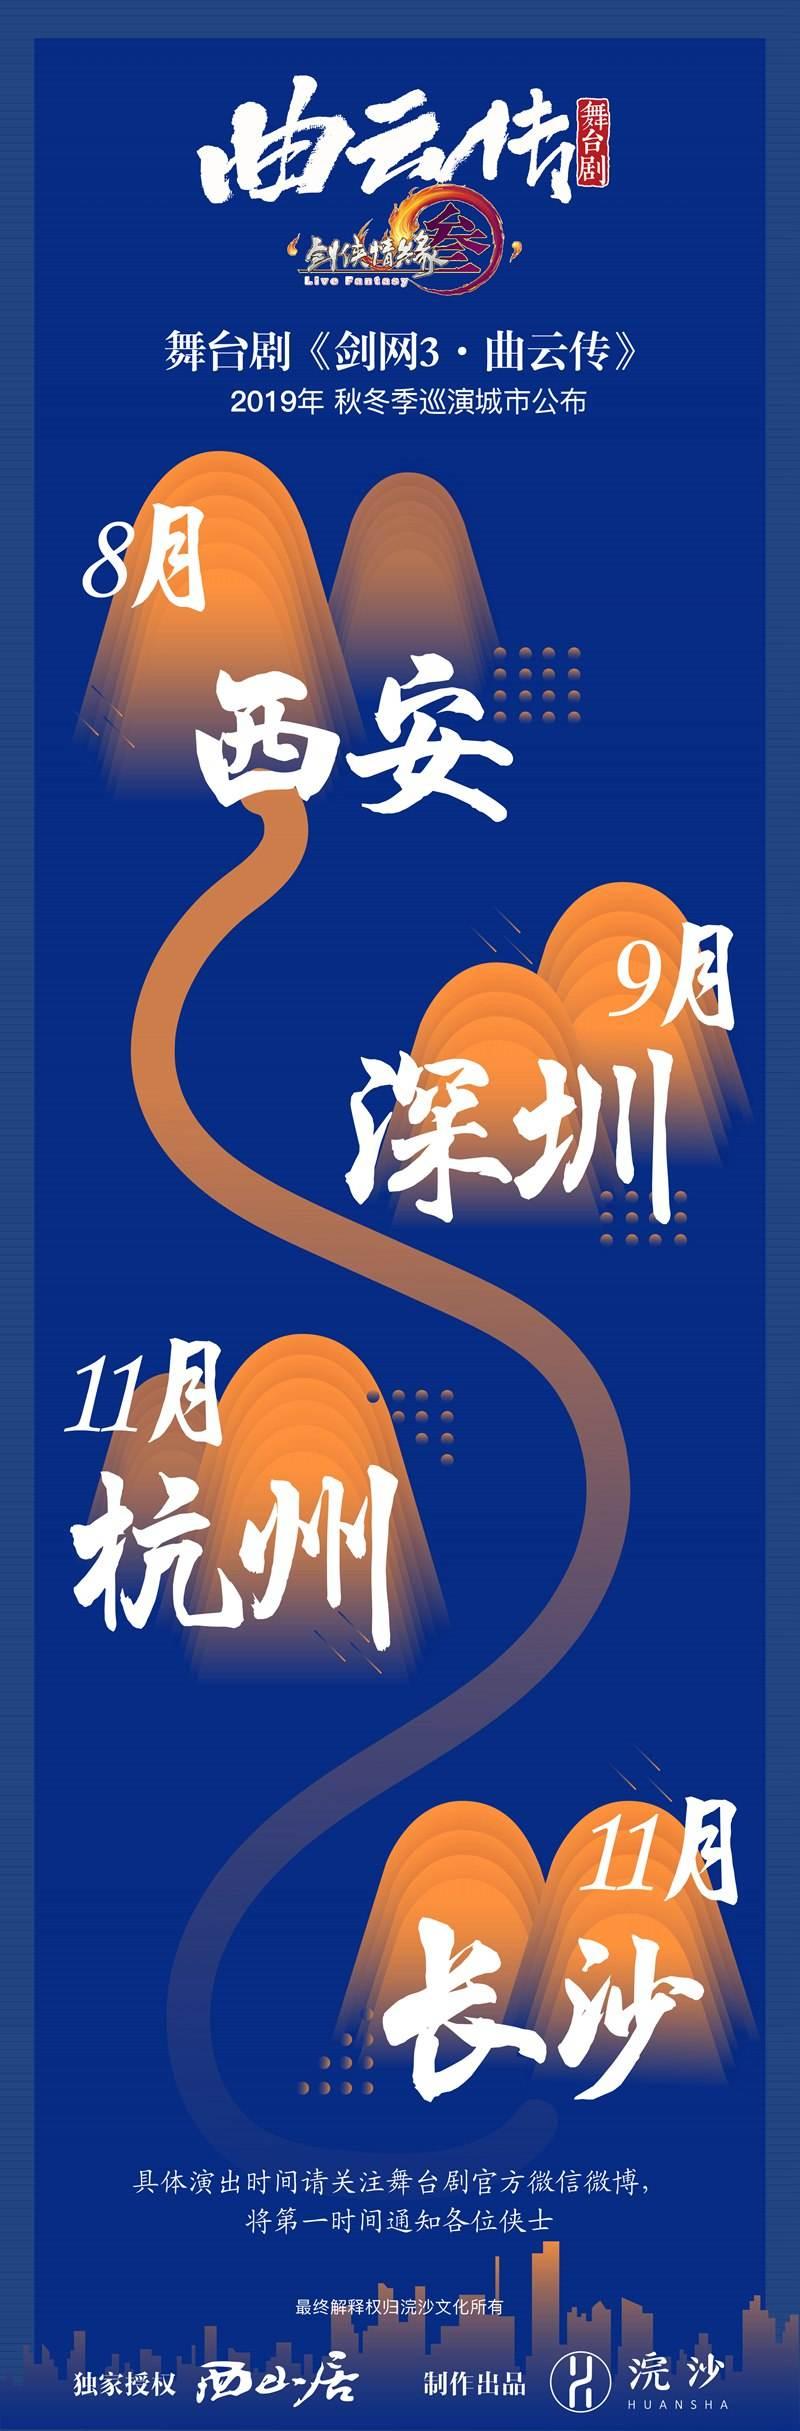 《剑网3·曲云传》呈上盛世华彩 舞台剧大唐秋冬再启